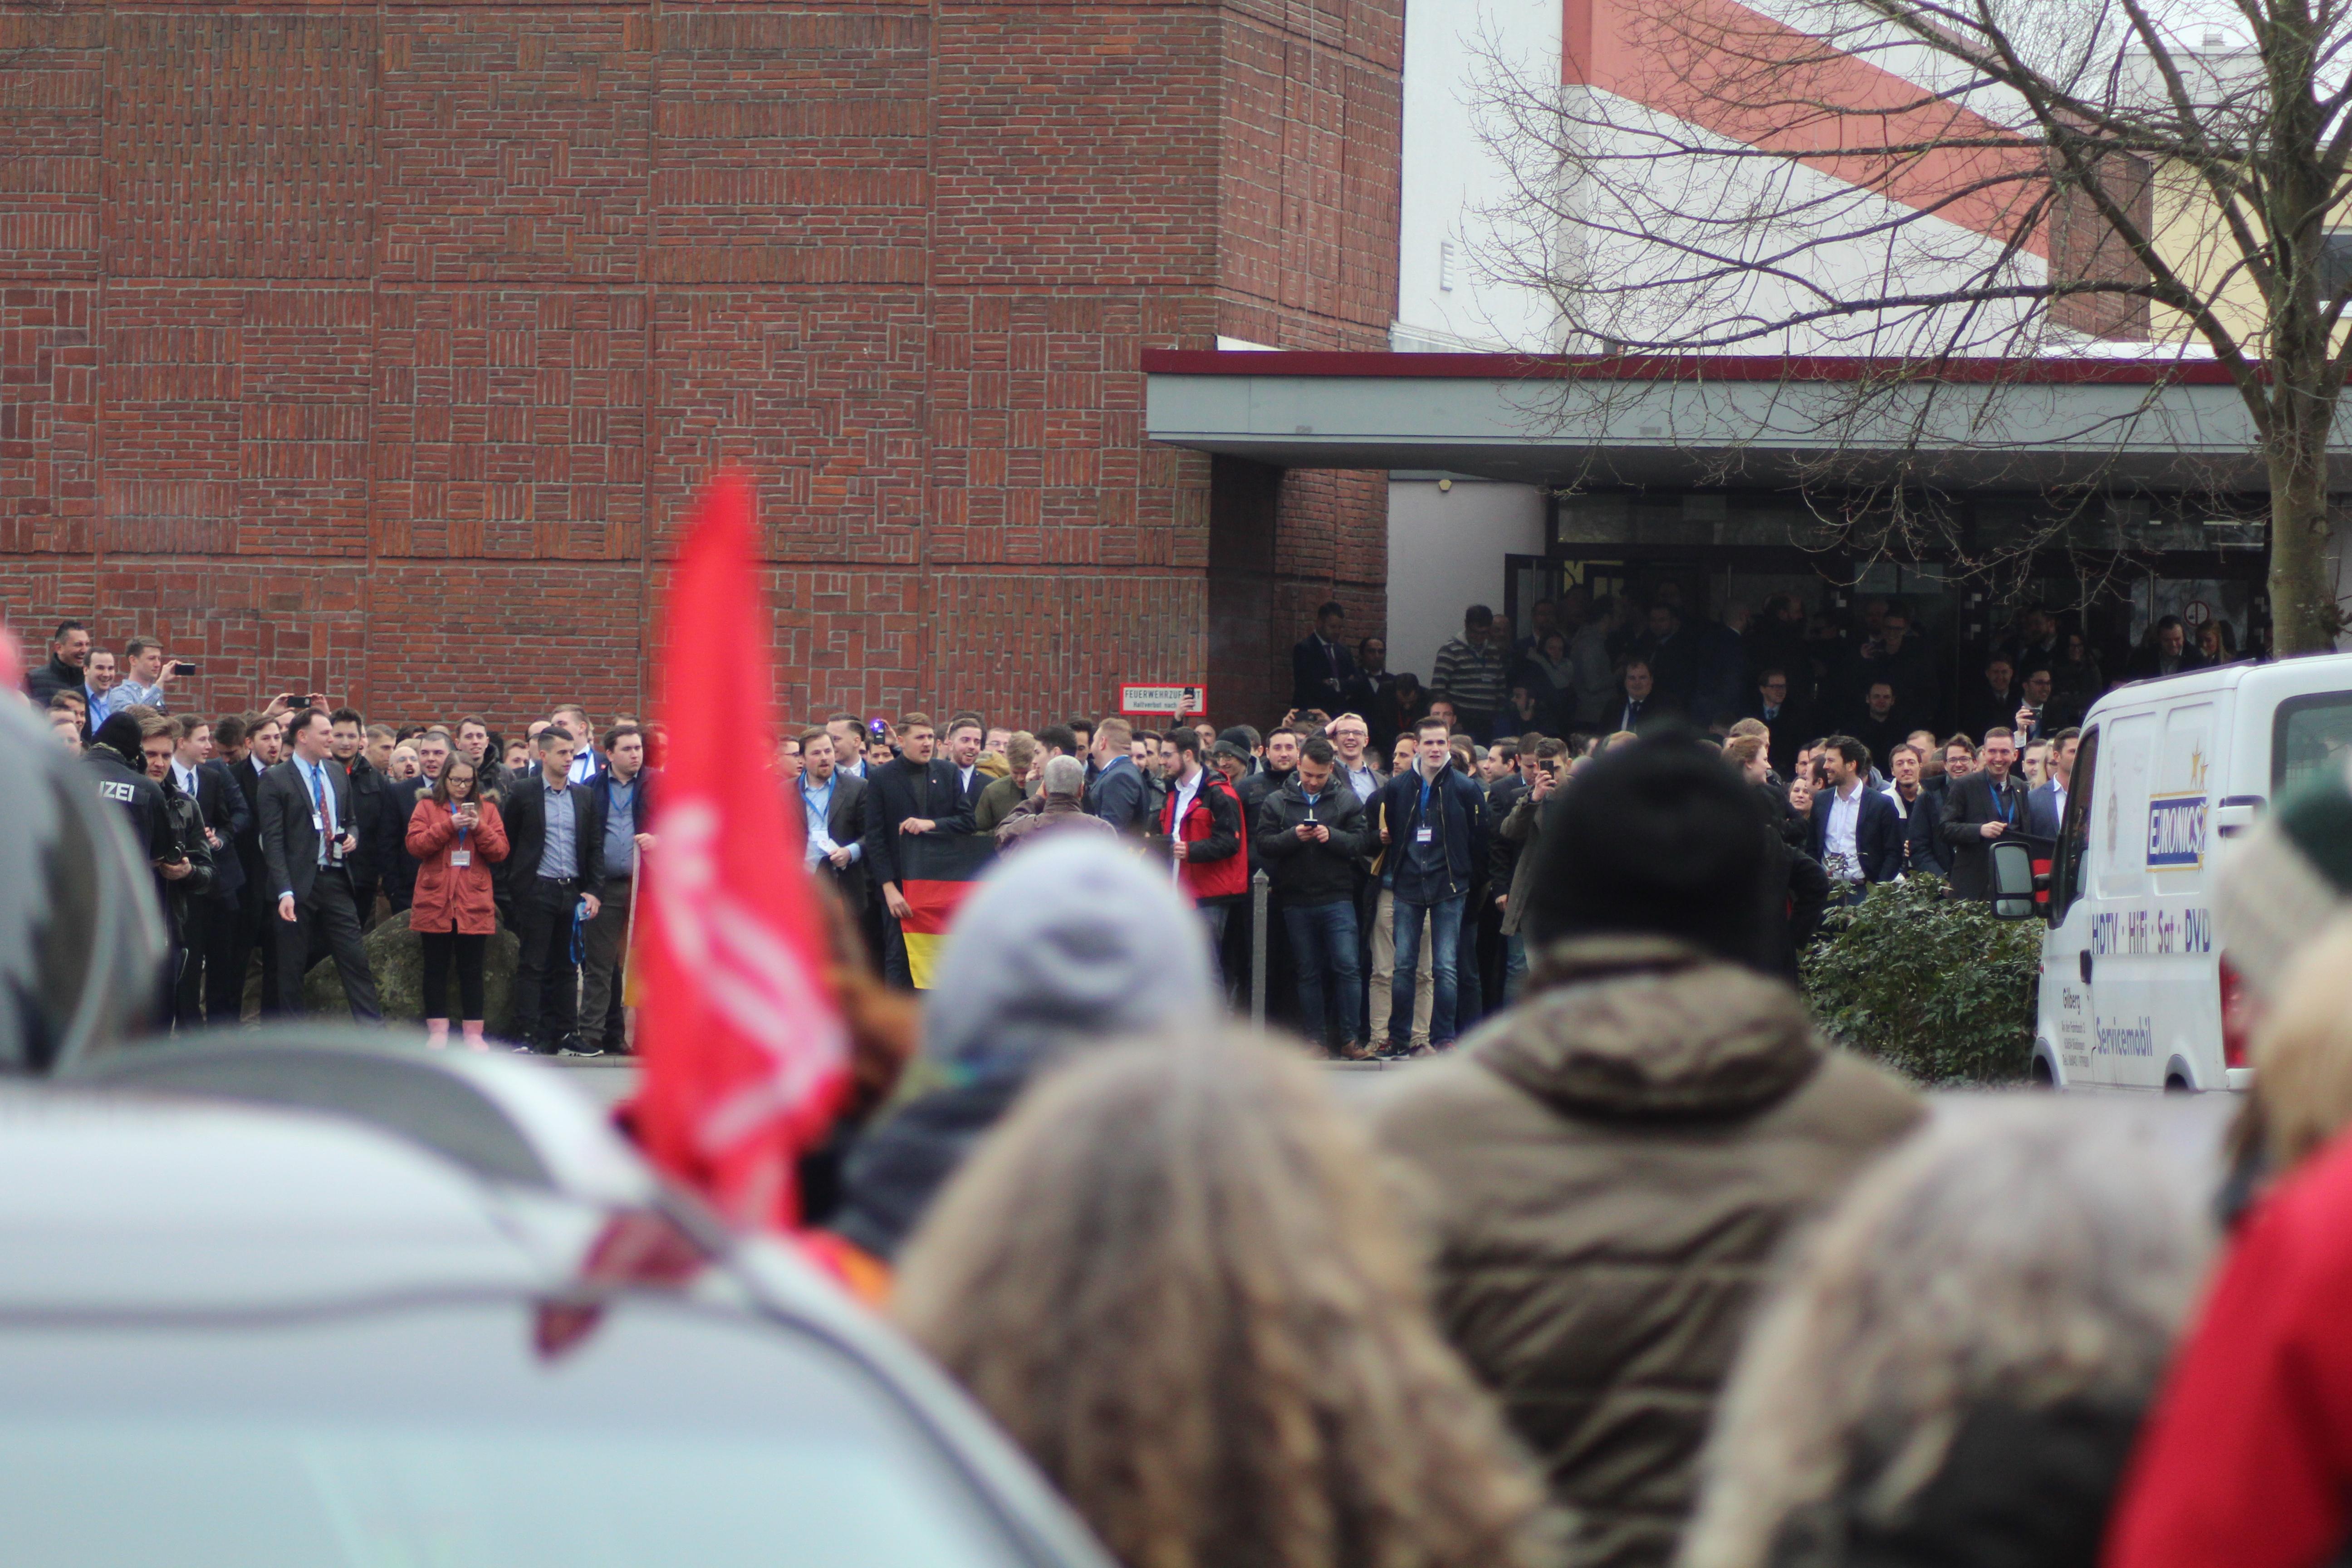 JA-Kongress Büdingen – Eine Auswertung der Antifaschistischen Bildungsinitiative e.V.